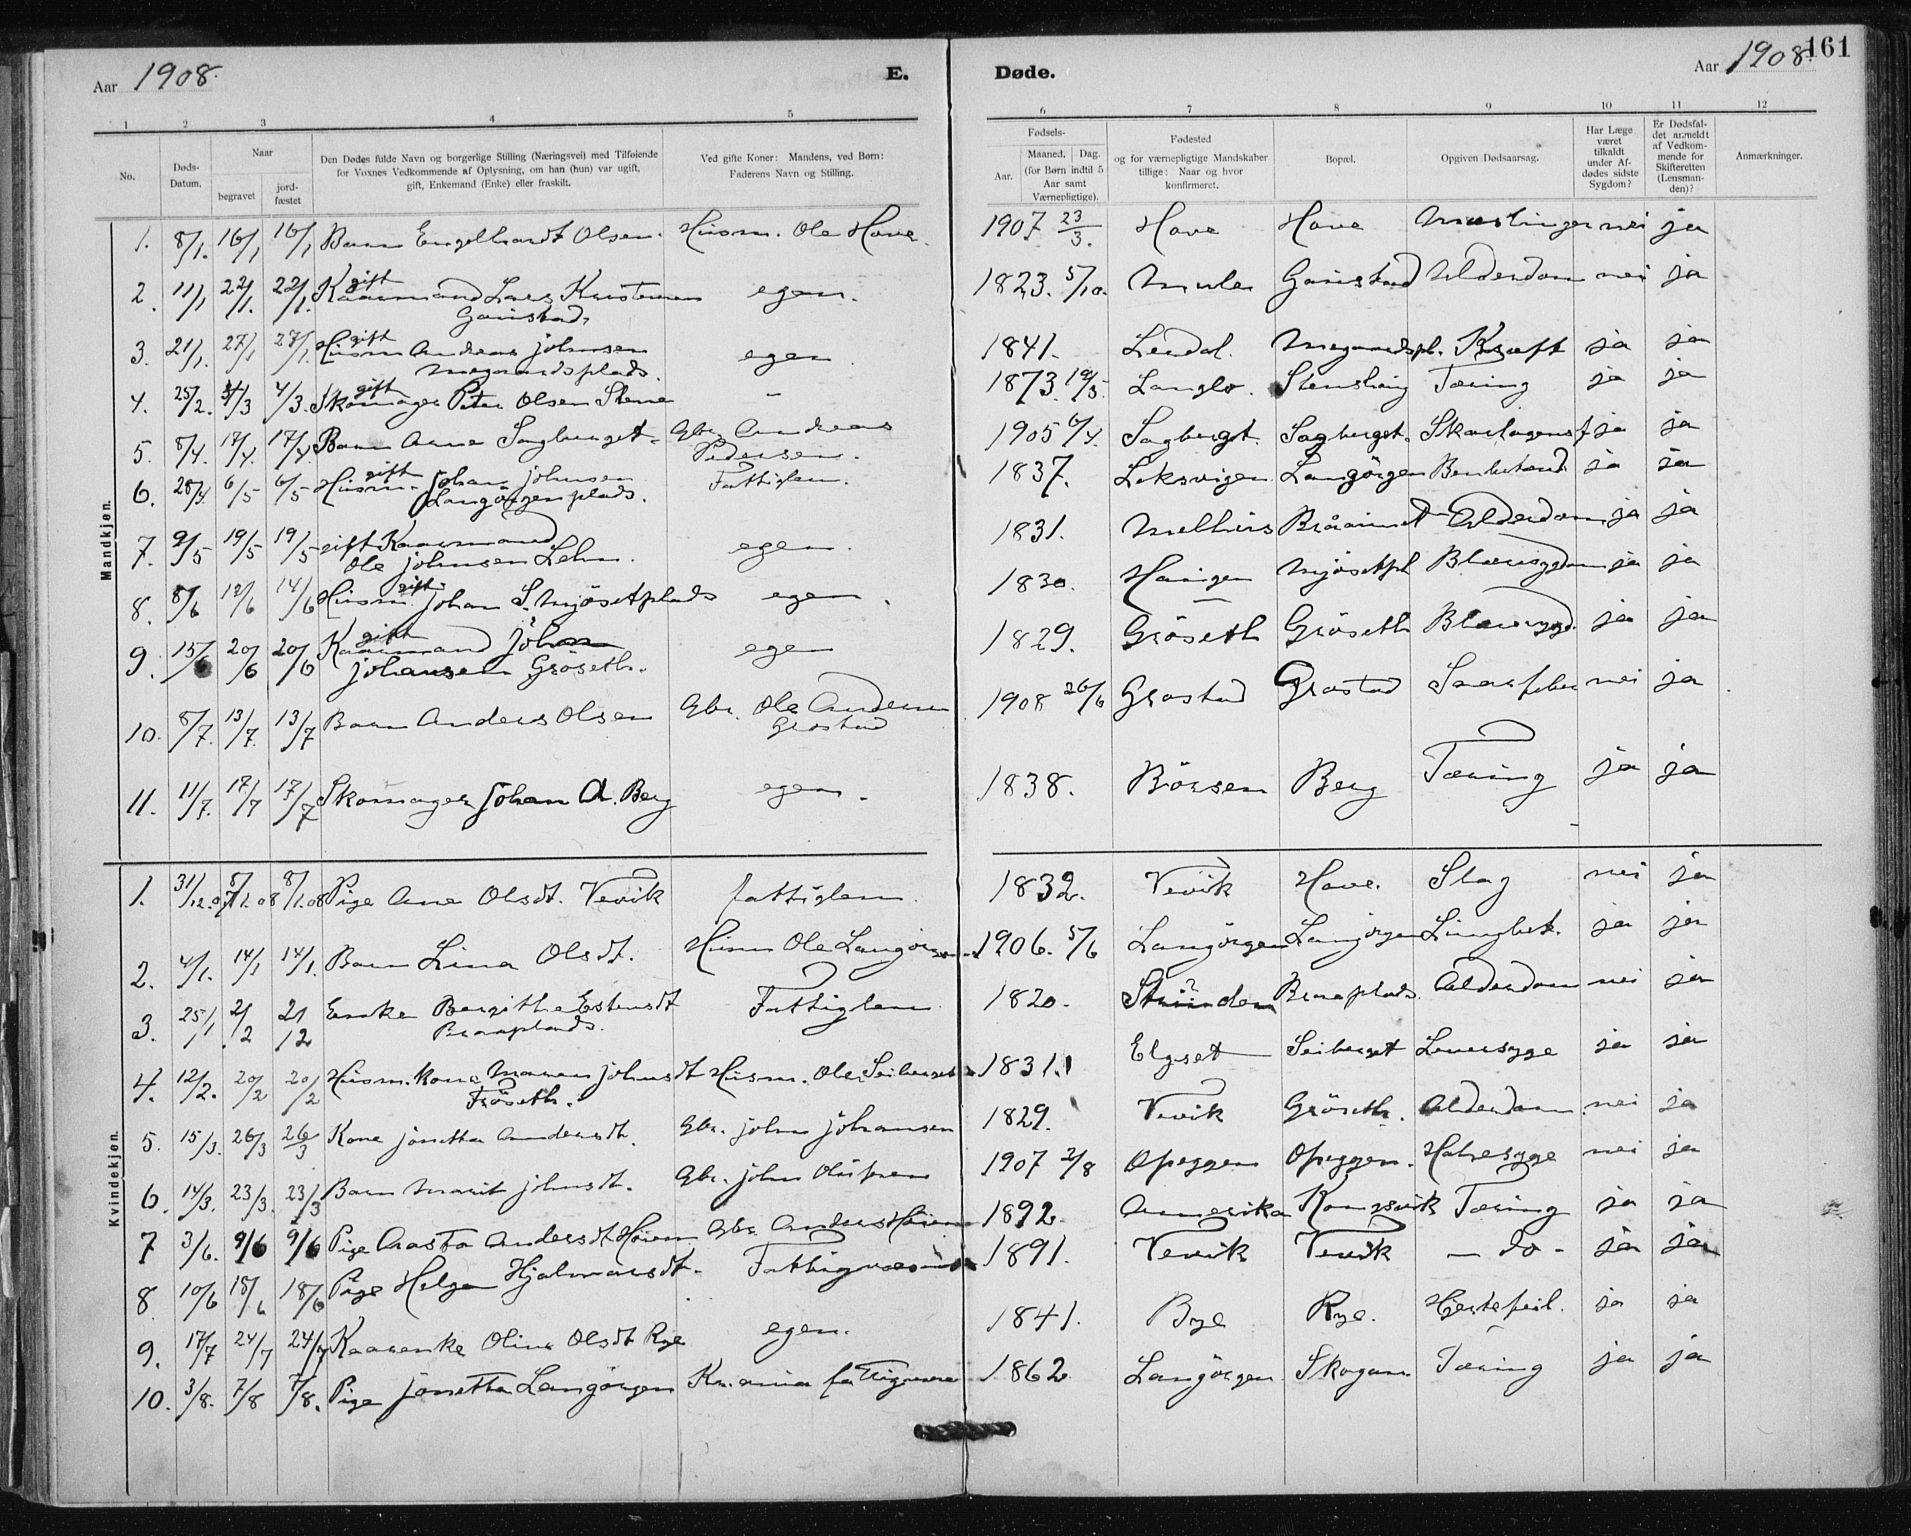 SAT, Ministerialprotokoller, klokkerbøker og fødselsregistre - Sør-Trøndelag, 612/L0381: Ministerialbok nr. 612A13, 1907-1923, s. 161